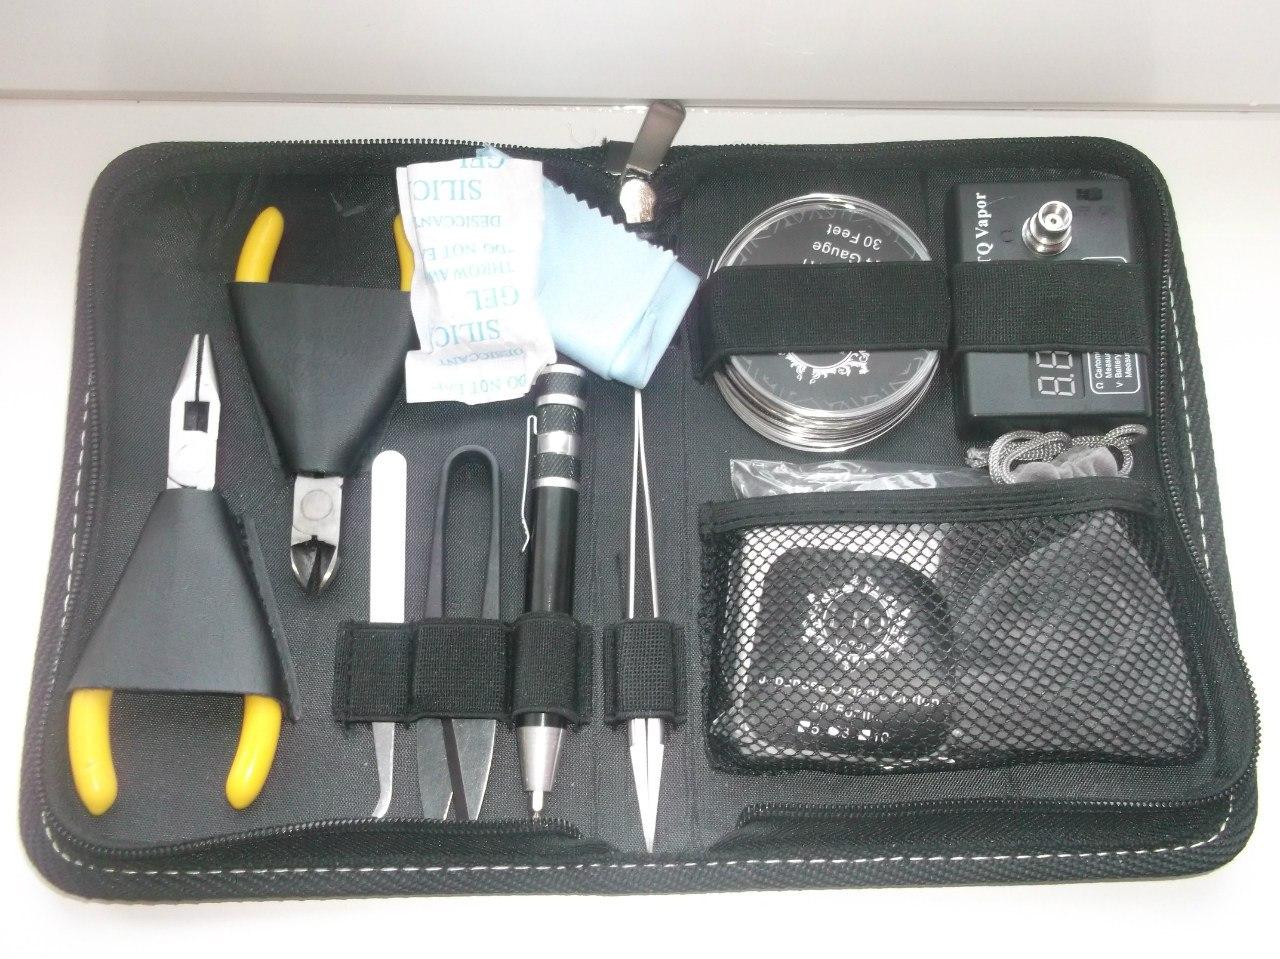 GearBest: Набор инструментов для любителя электронных сигарет (Original LTQ Vapor DIY RBA Tools Kit) + подставка под атомайзеры.